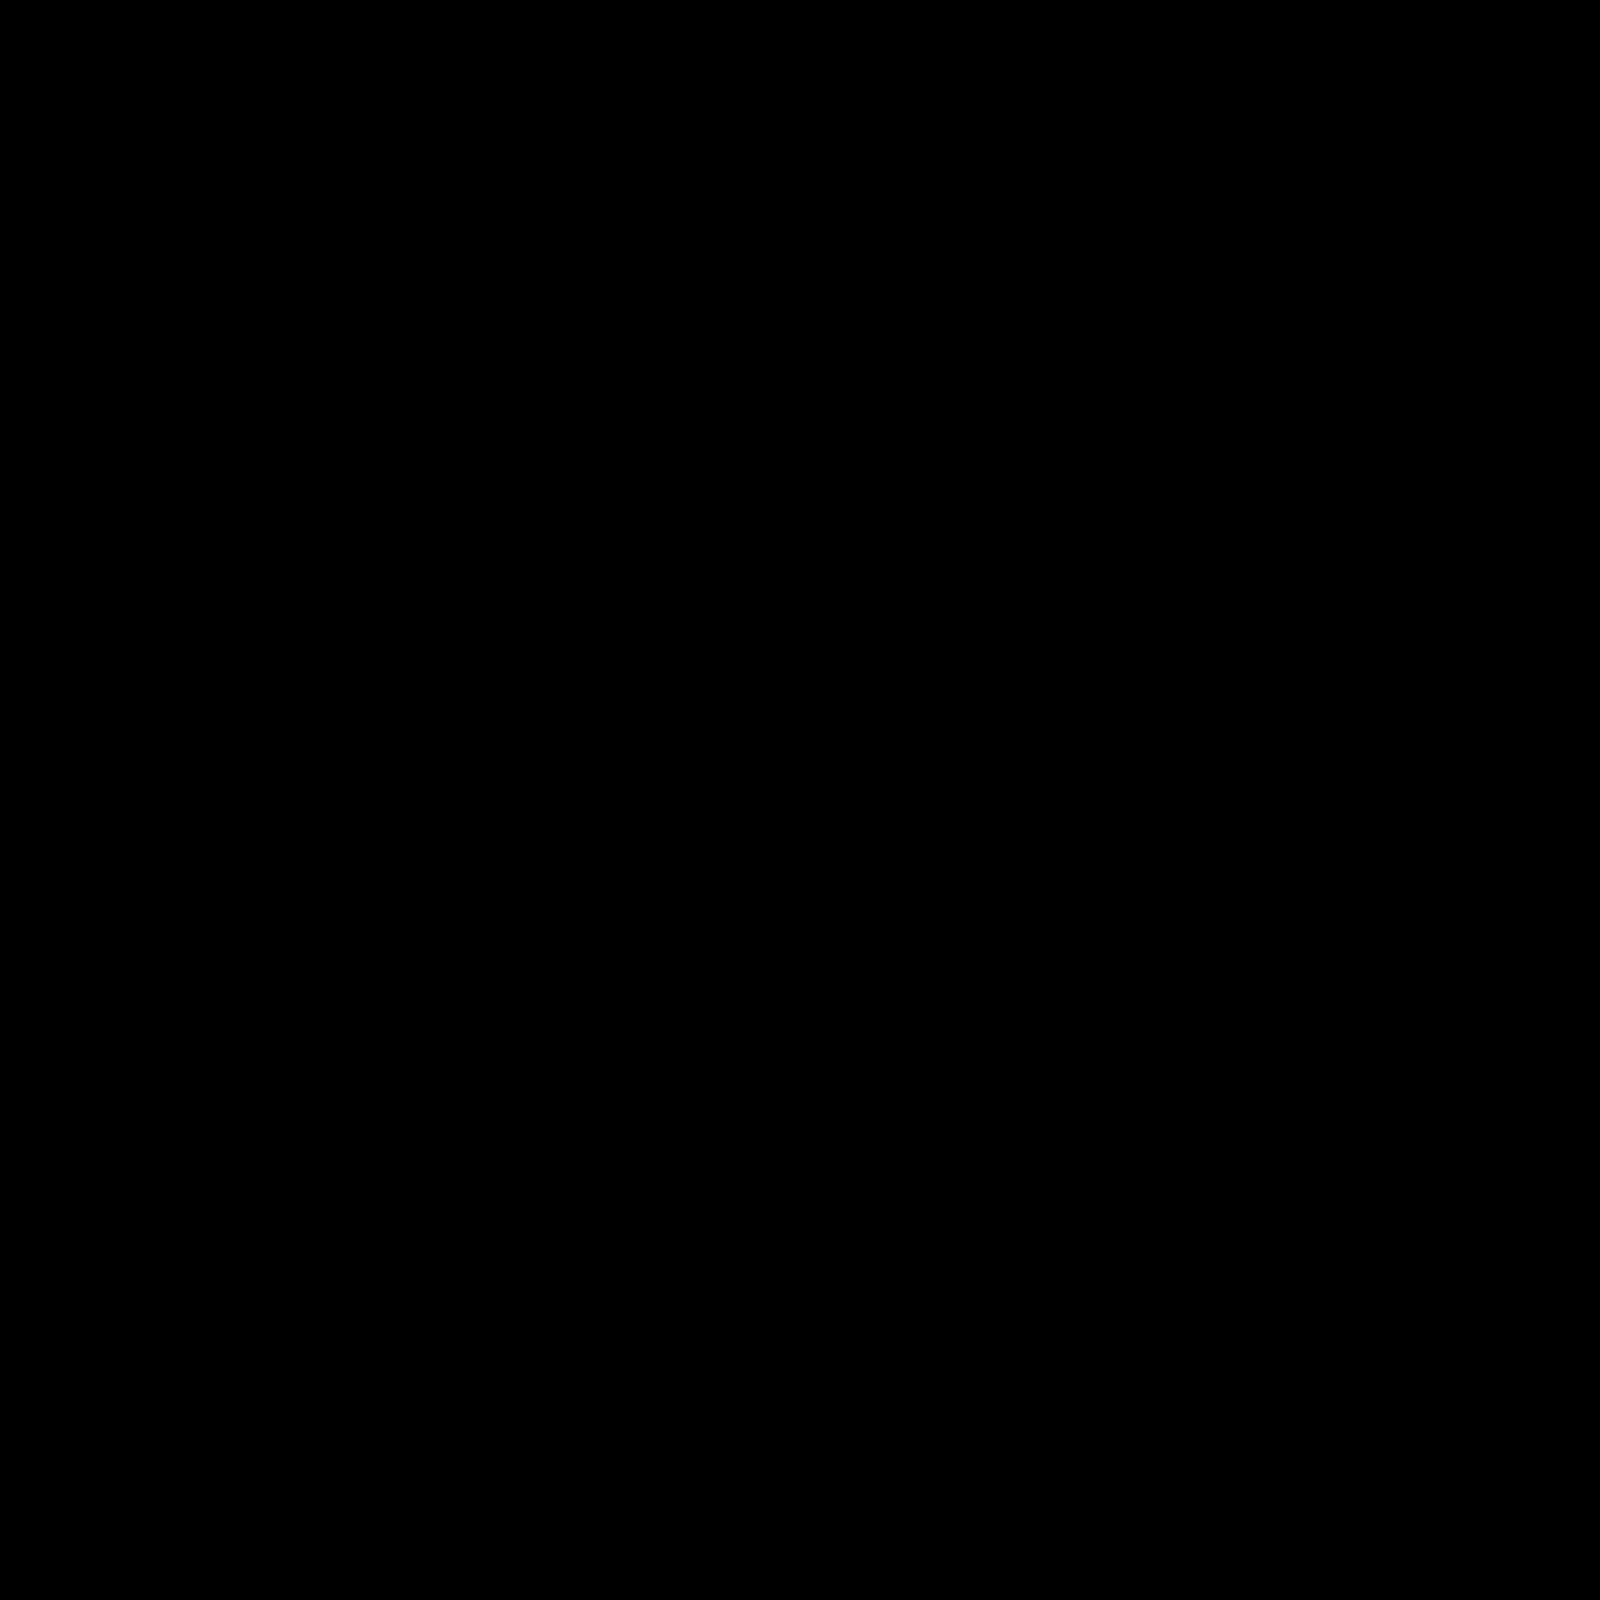 Główna brama otwarta icon